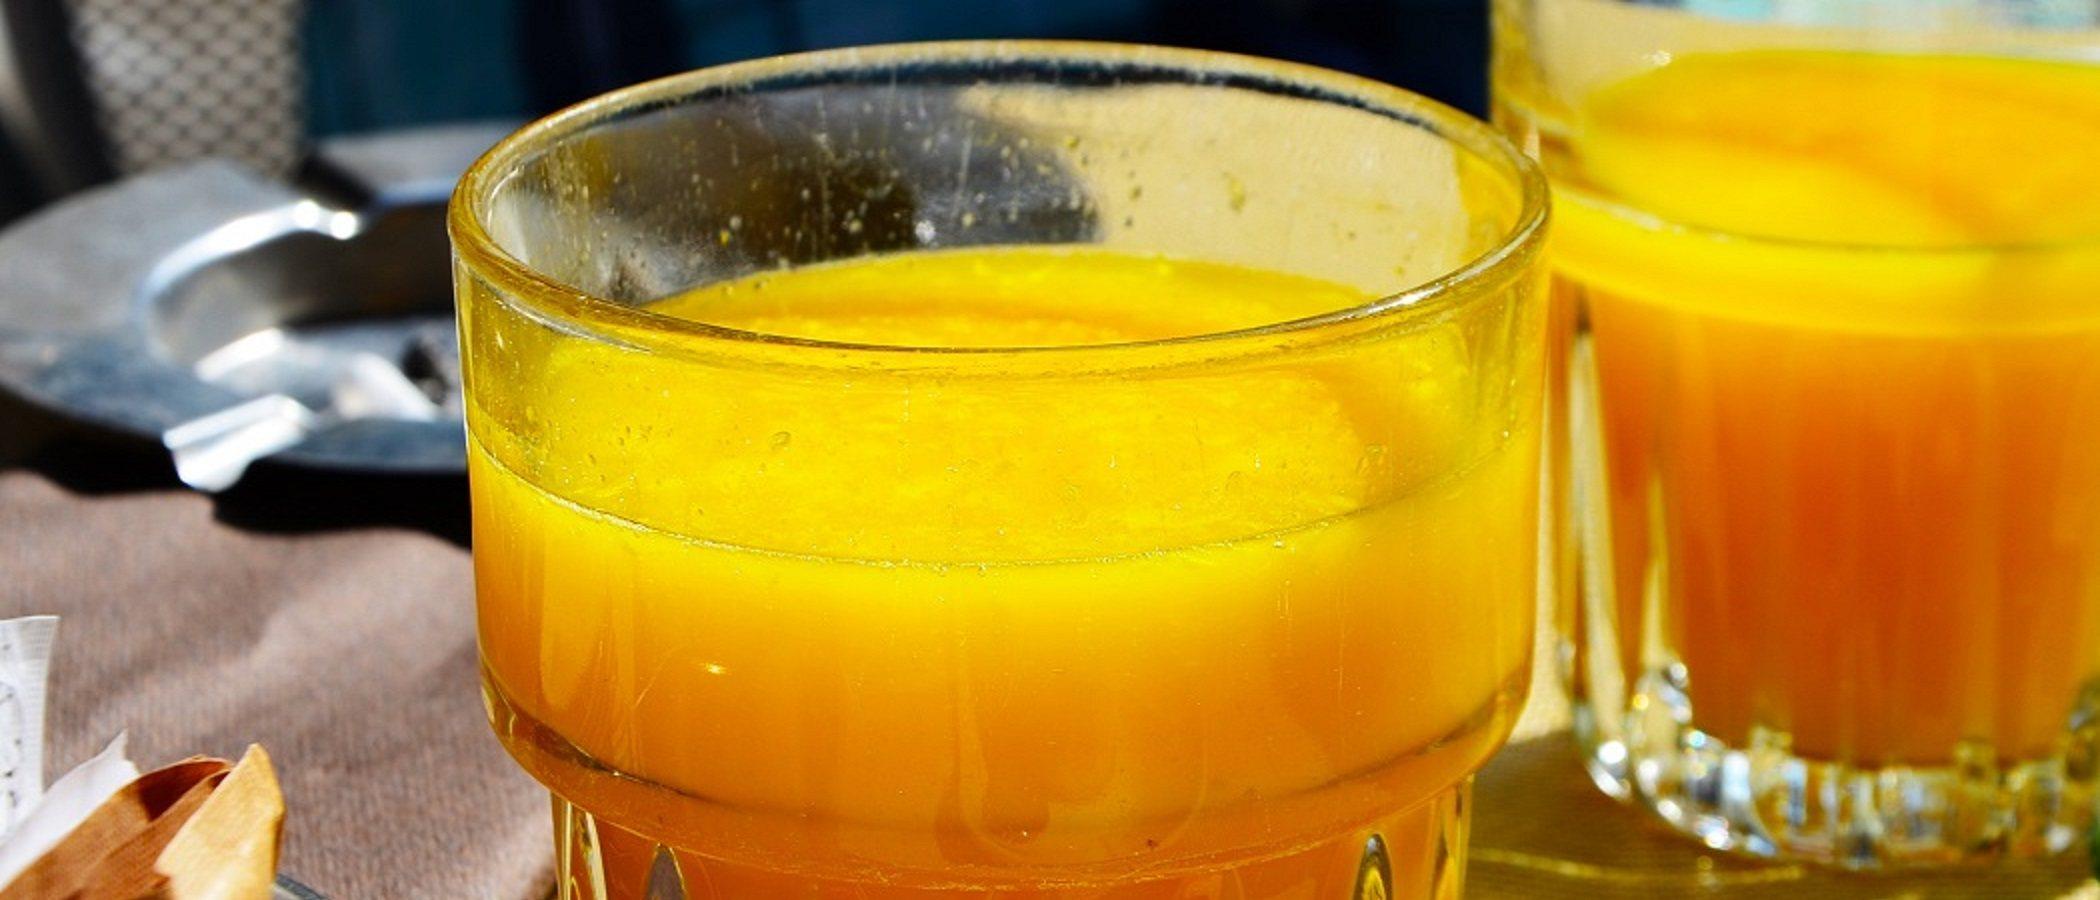 Lista de alimentos ricos en vitamina C para bebés